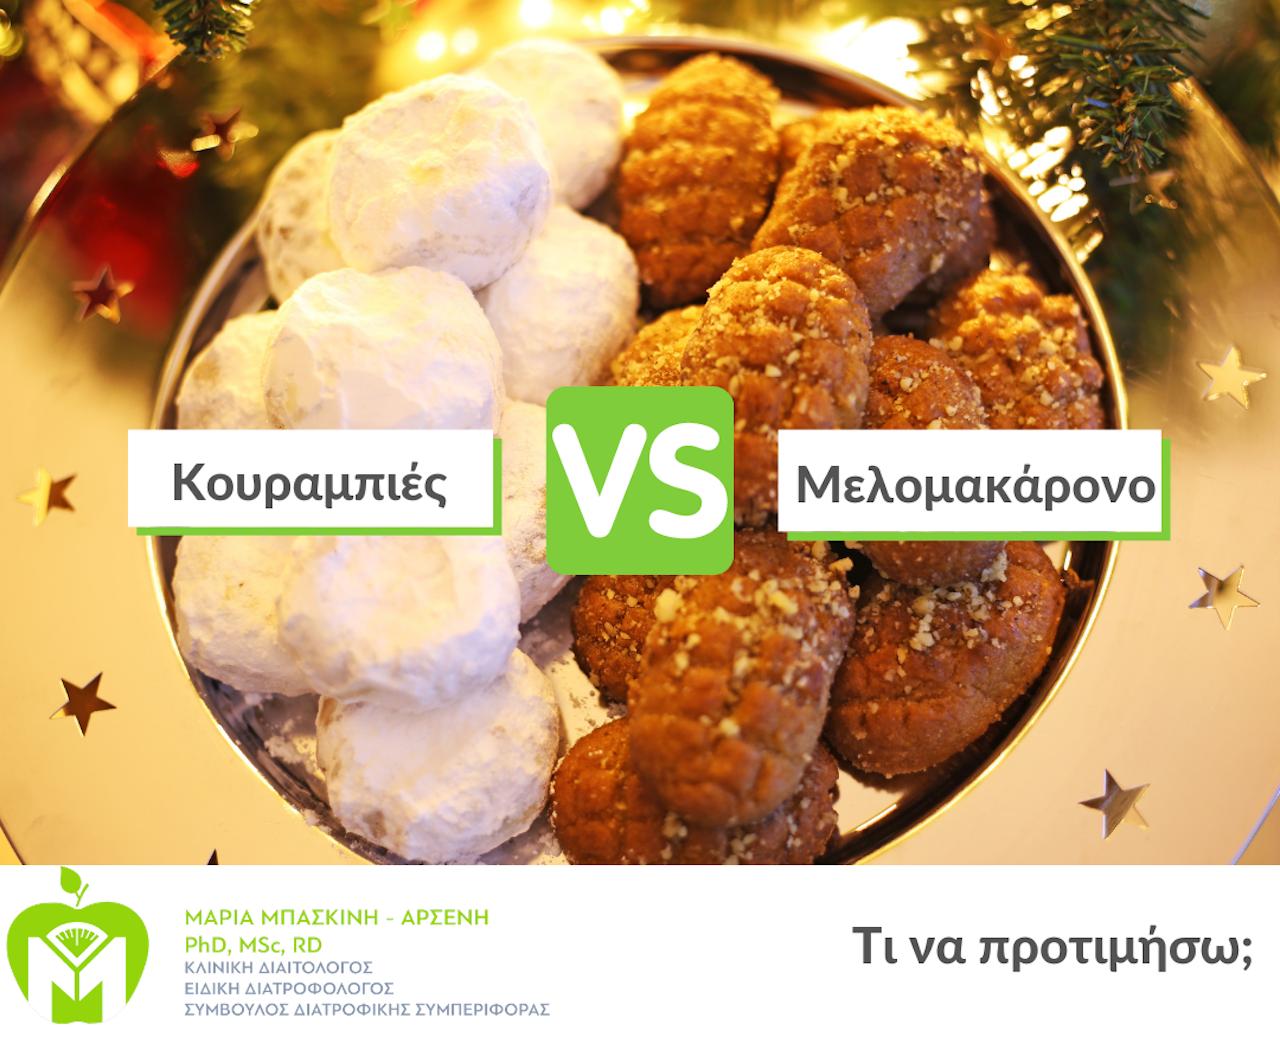 κουραμπιές μελομακάρονο σε χριστουγεννιάτικο πιάτο